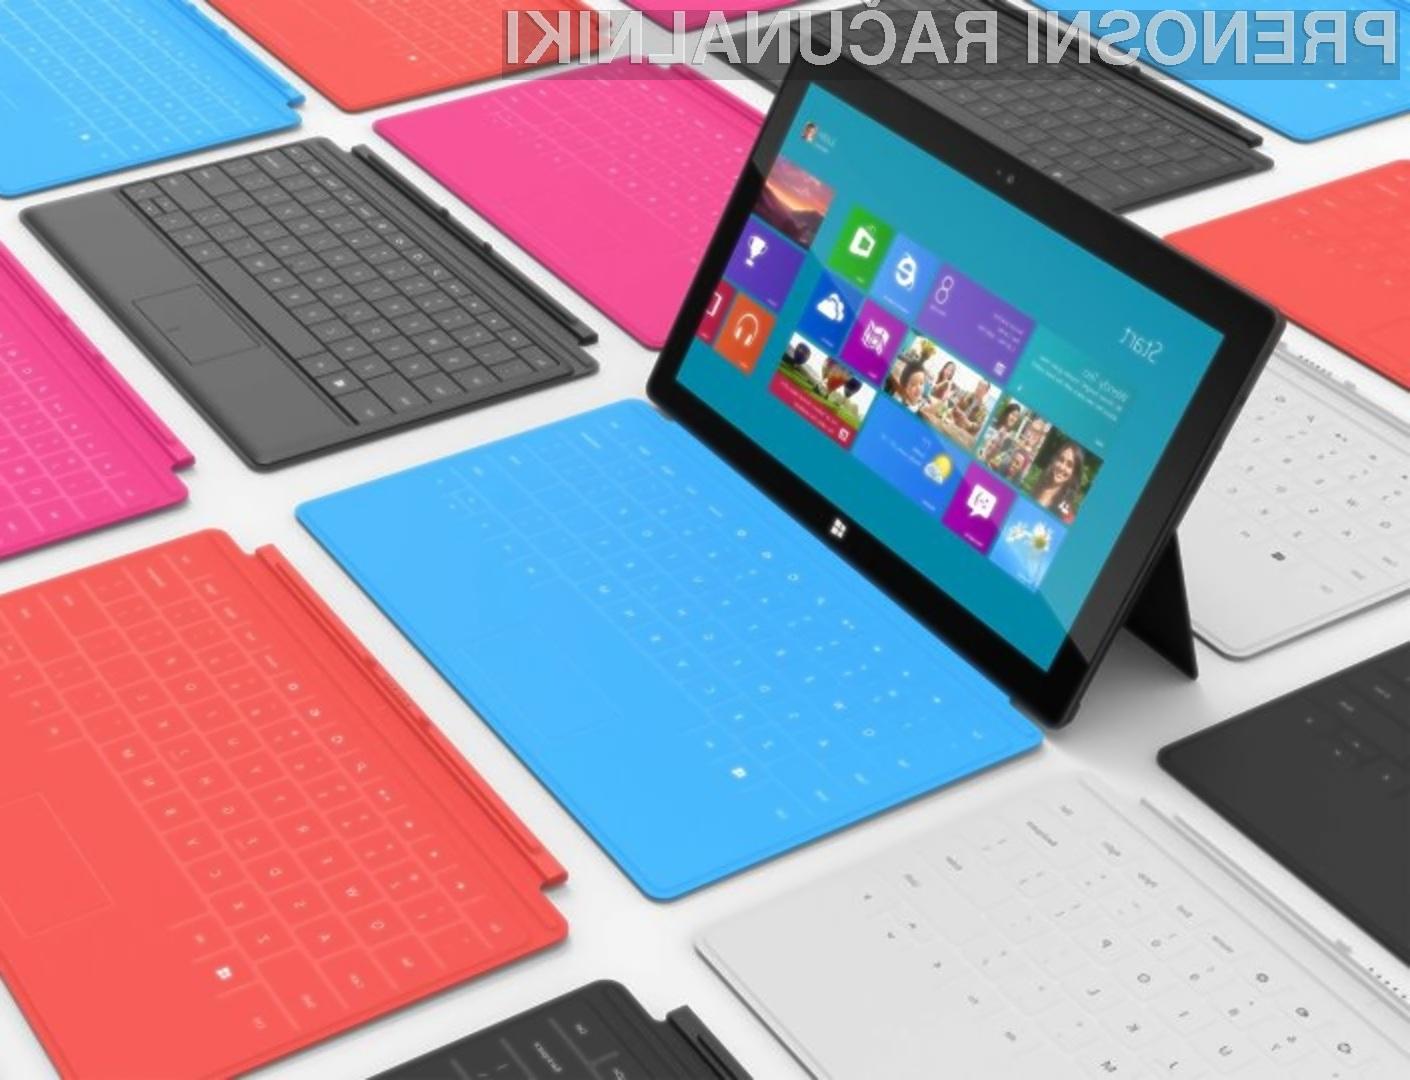 Mnogi strokovnjaki so prepričani, da je maloprodajna cena tablice Microsoft Windows RT postavljena previsoko.